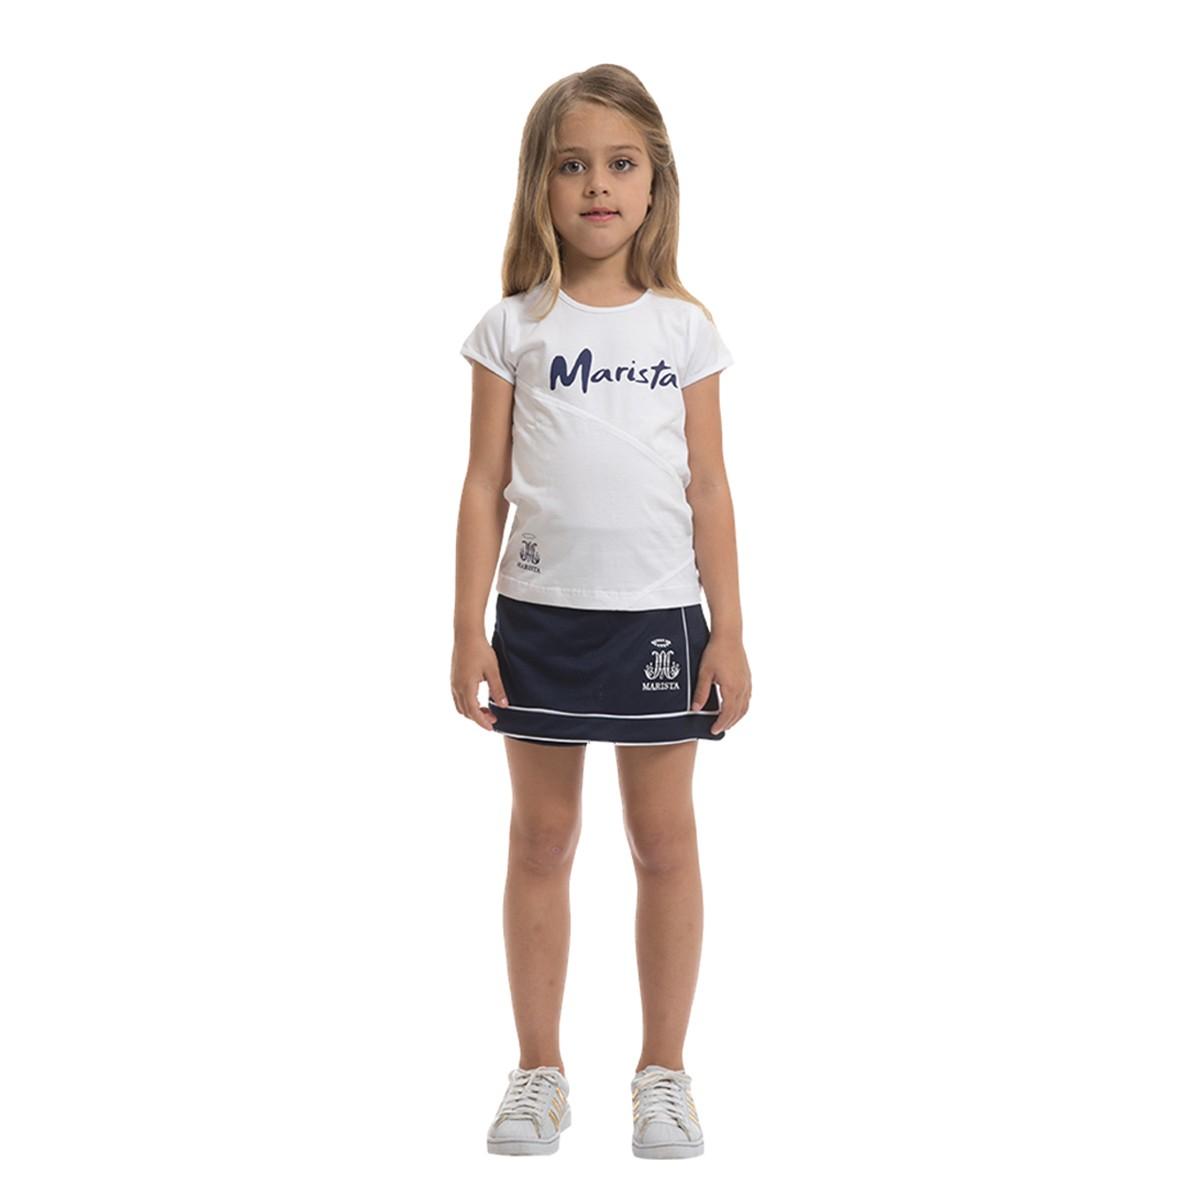 Camiseta manga curta malha confort - Colégio Marista Ref. F26